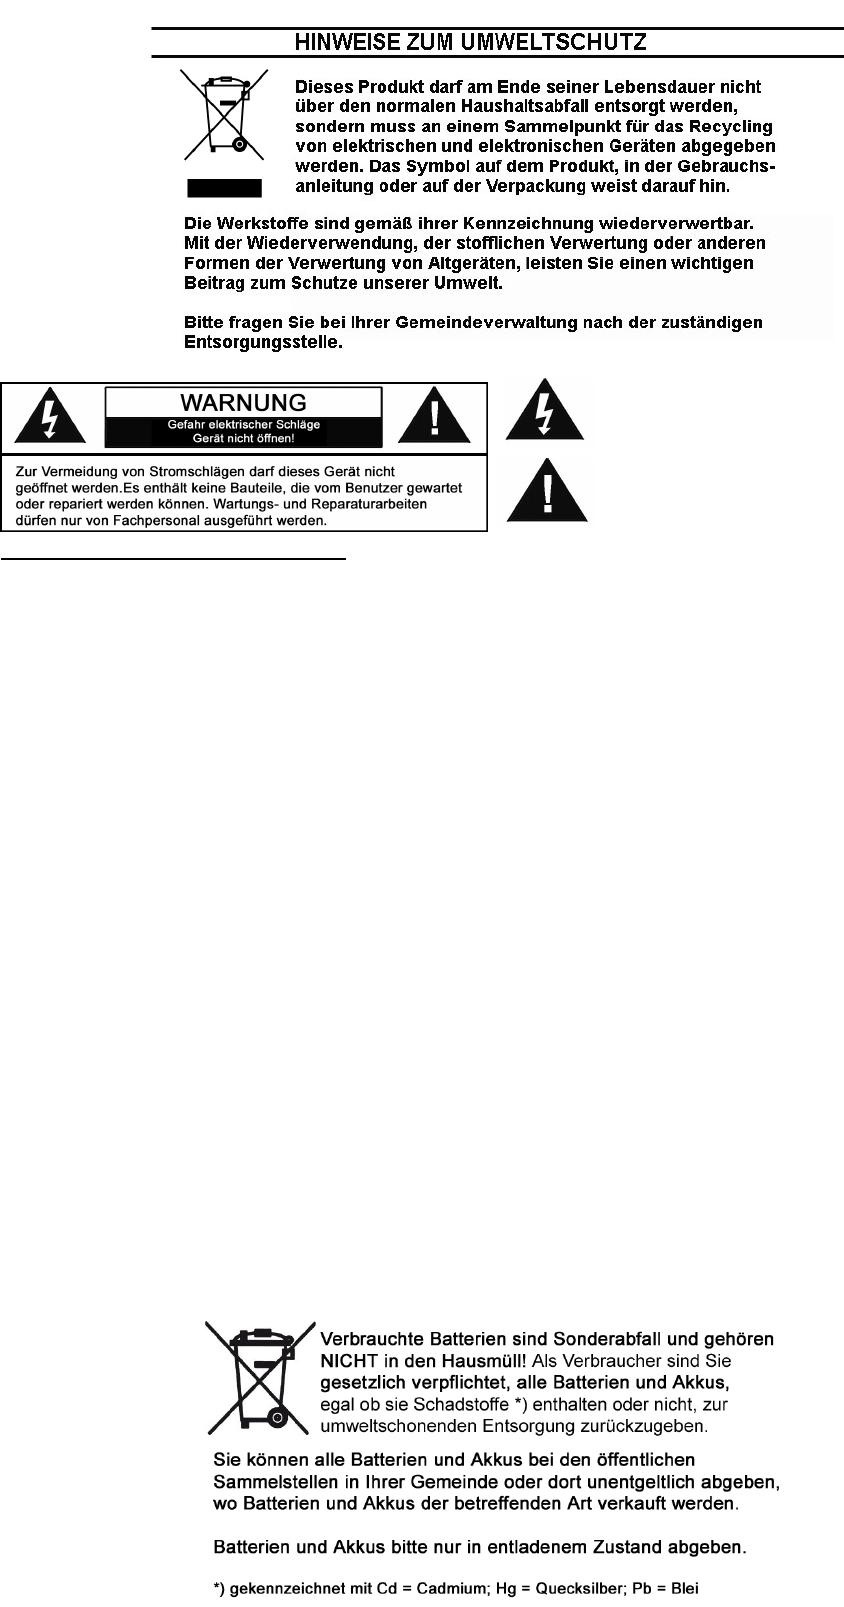 Gemütlich Liste Aller Elektrischen Symbole Fotos - Schaltplan Serie ...